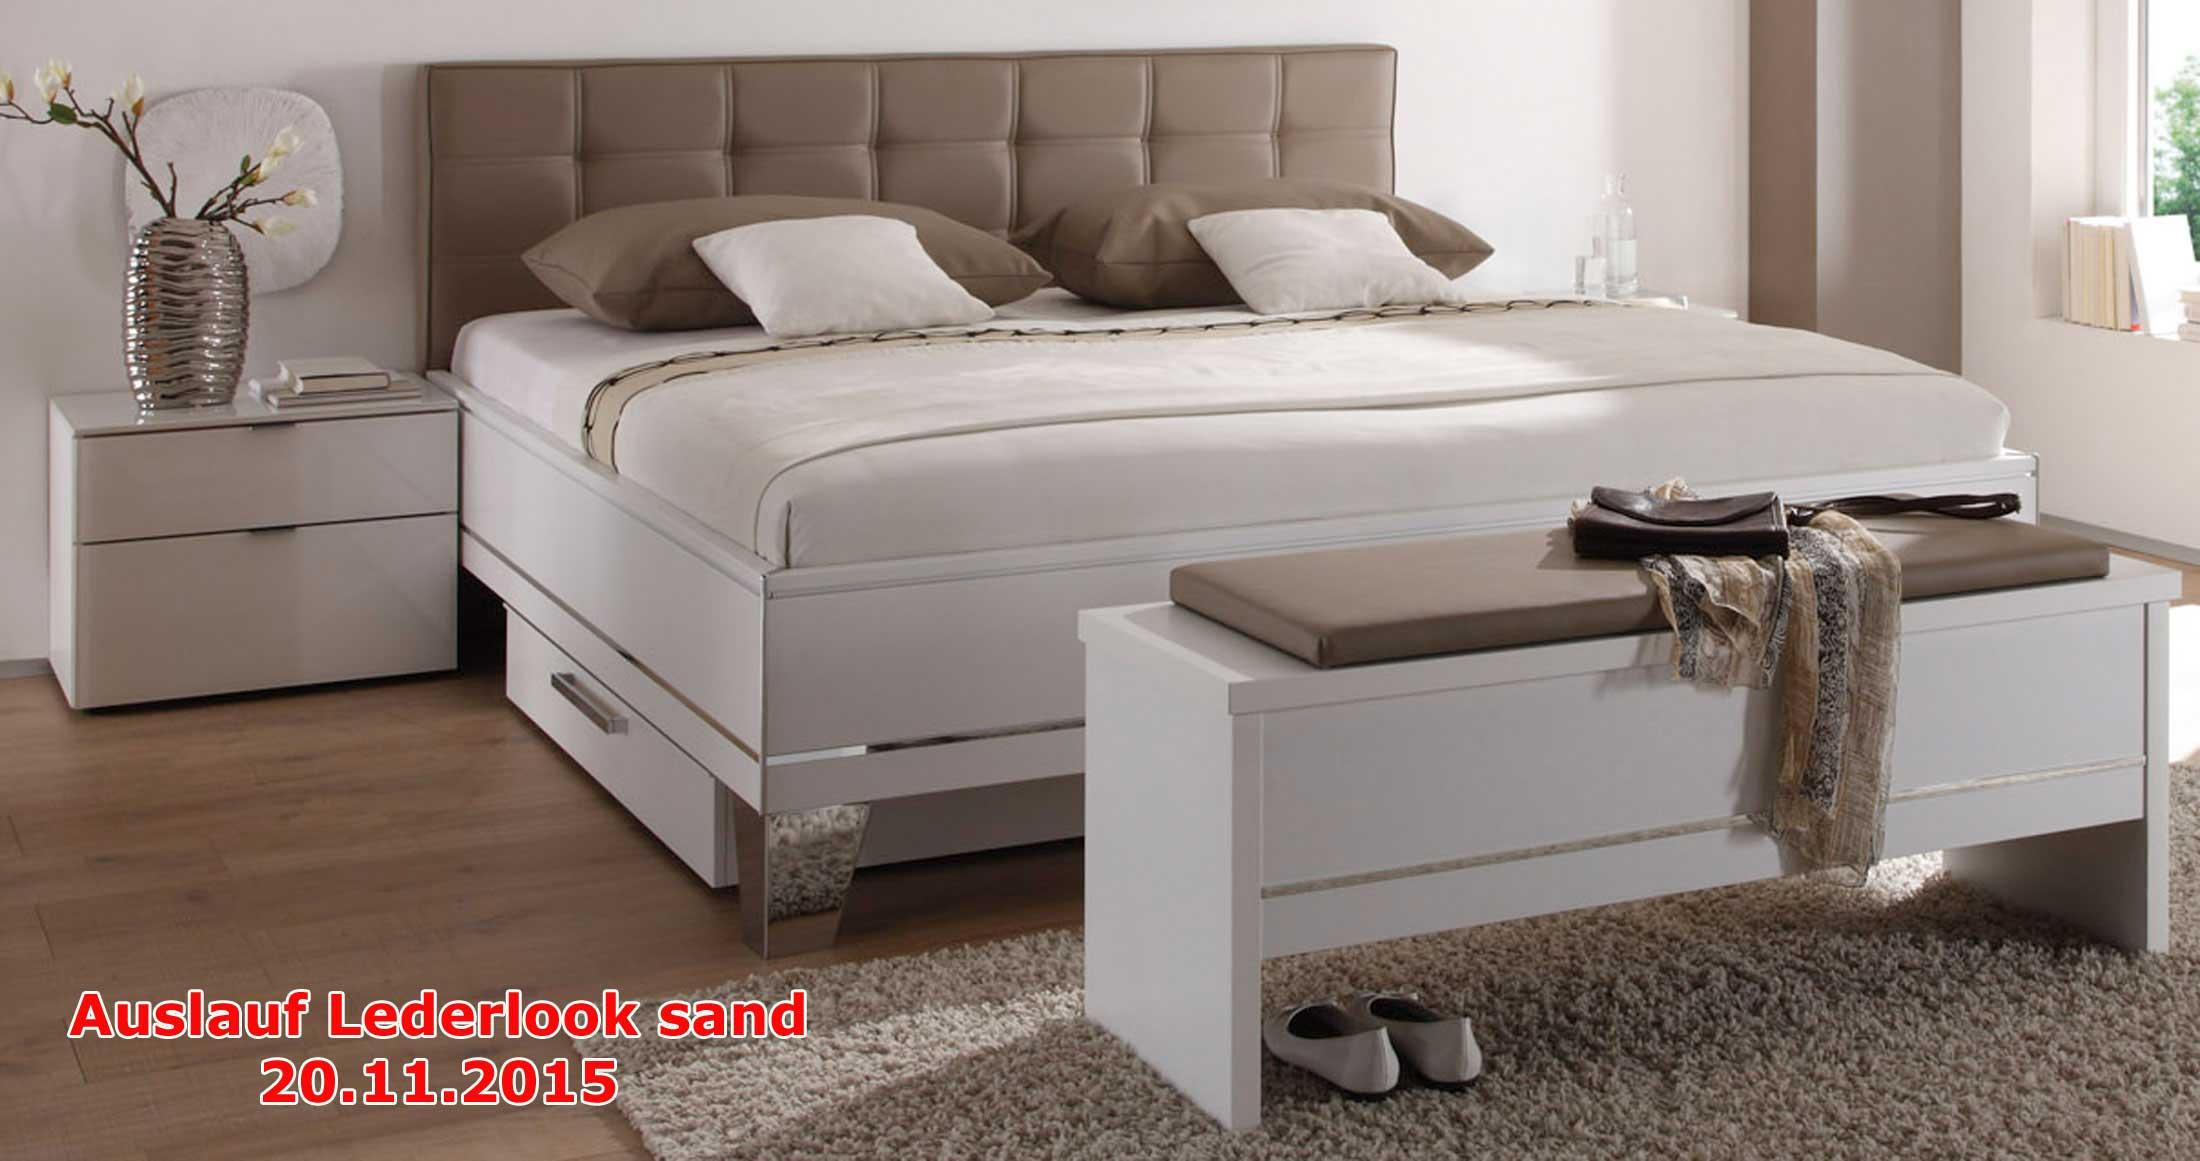 Full Size of Bett Komforthöhe Schlafzimmer 200x200 Ebay 180x200 Mit Lattenrost Und Matratze Designer Betten Weißes 140x200 Weiß Boxspring Hohes Kopfteil Ausziehbares Bett Bett Komforthöhe